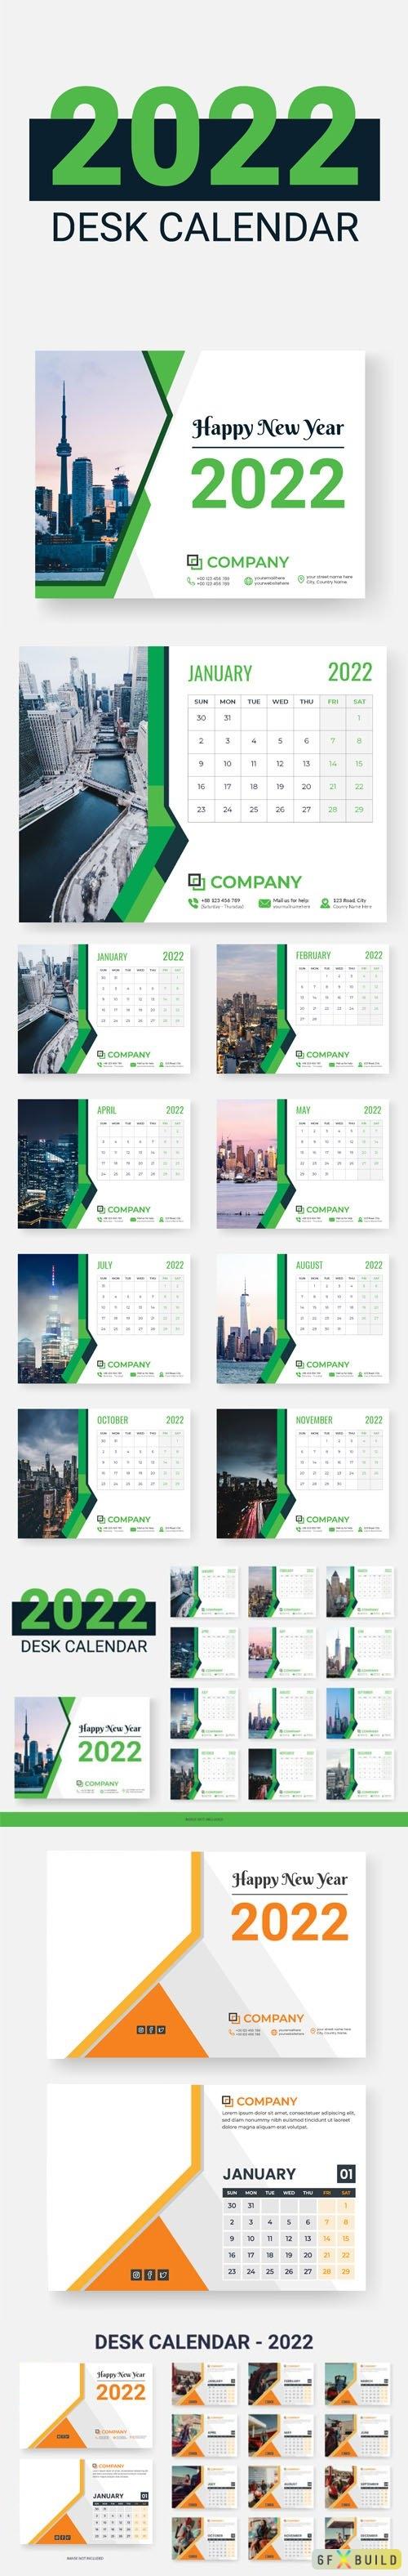 Two Desk Calendars 2022 Vector Design Templates